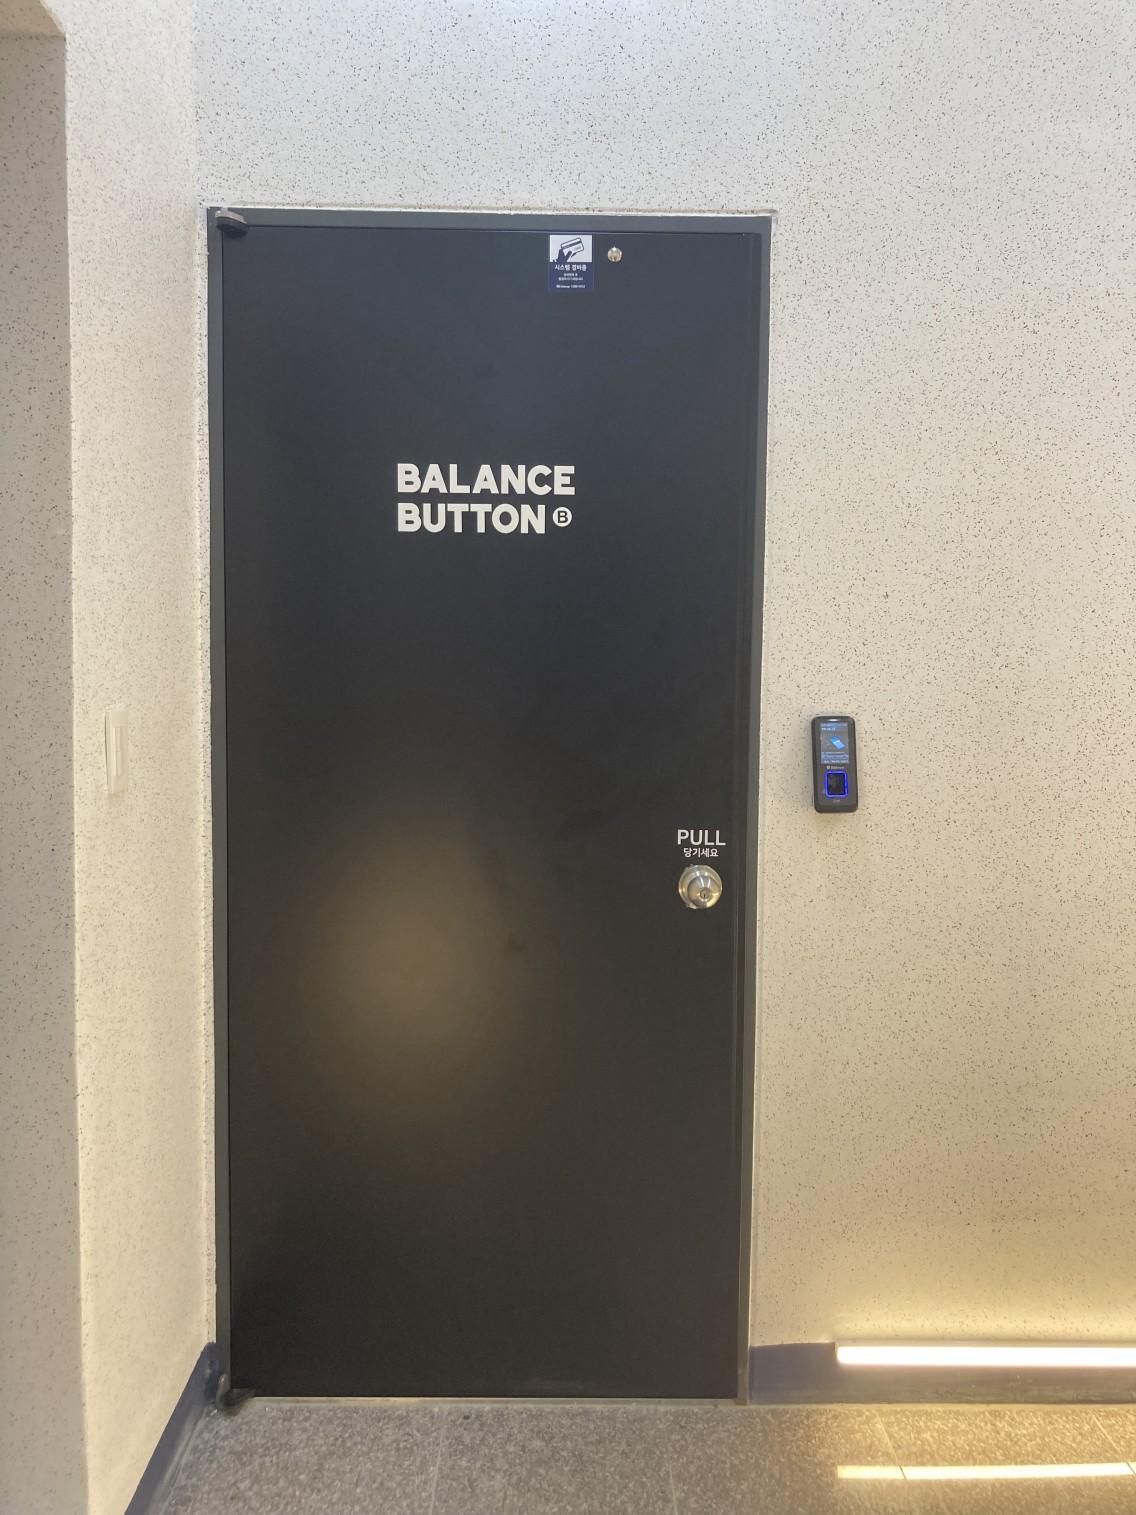 왼쪽의 문이 당신을 맞이해줄 거에요:)